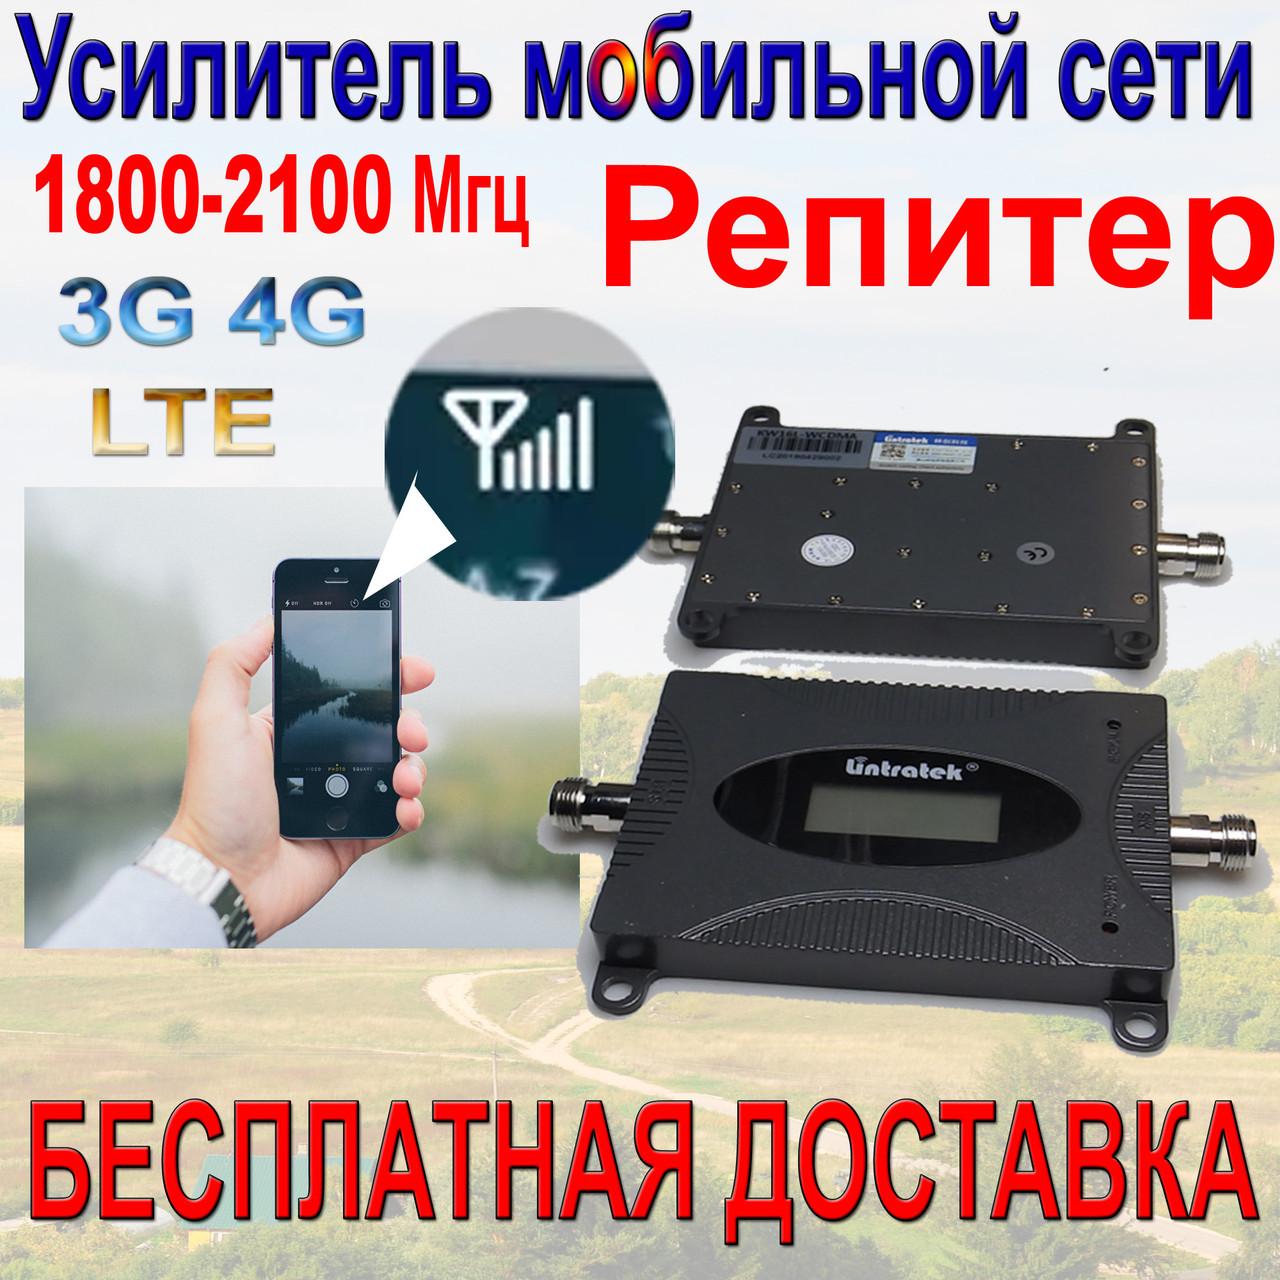 Усилитель Репитер сигнала Мобильной связи GSM, DCS 1800 МГц, 3G/4G интернета 2100 МГц +Подарок +Скидка